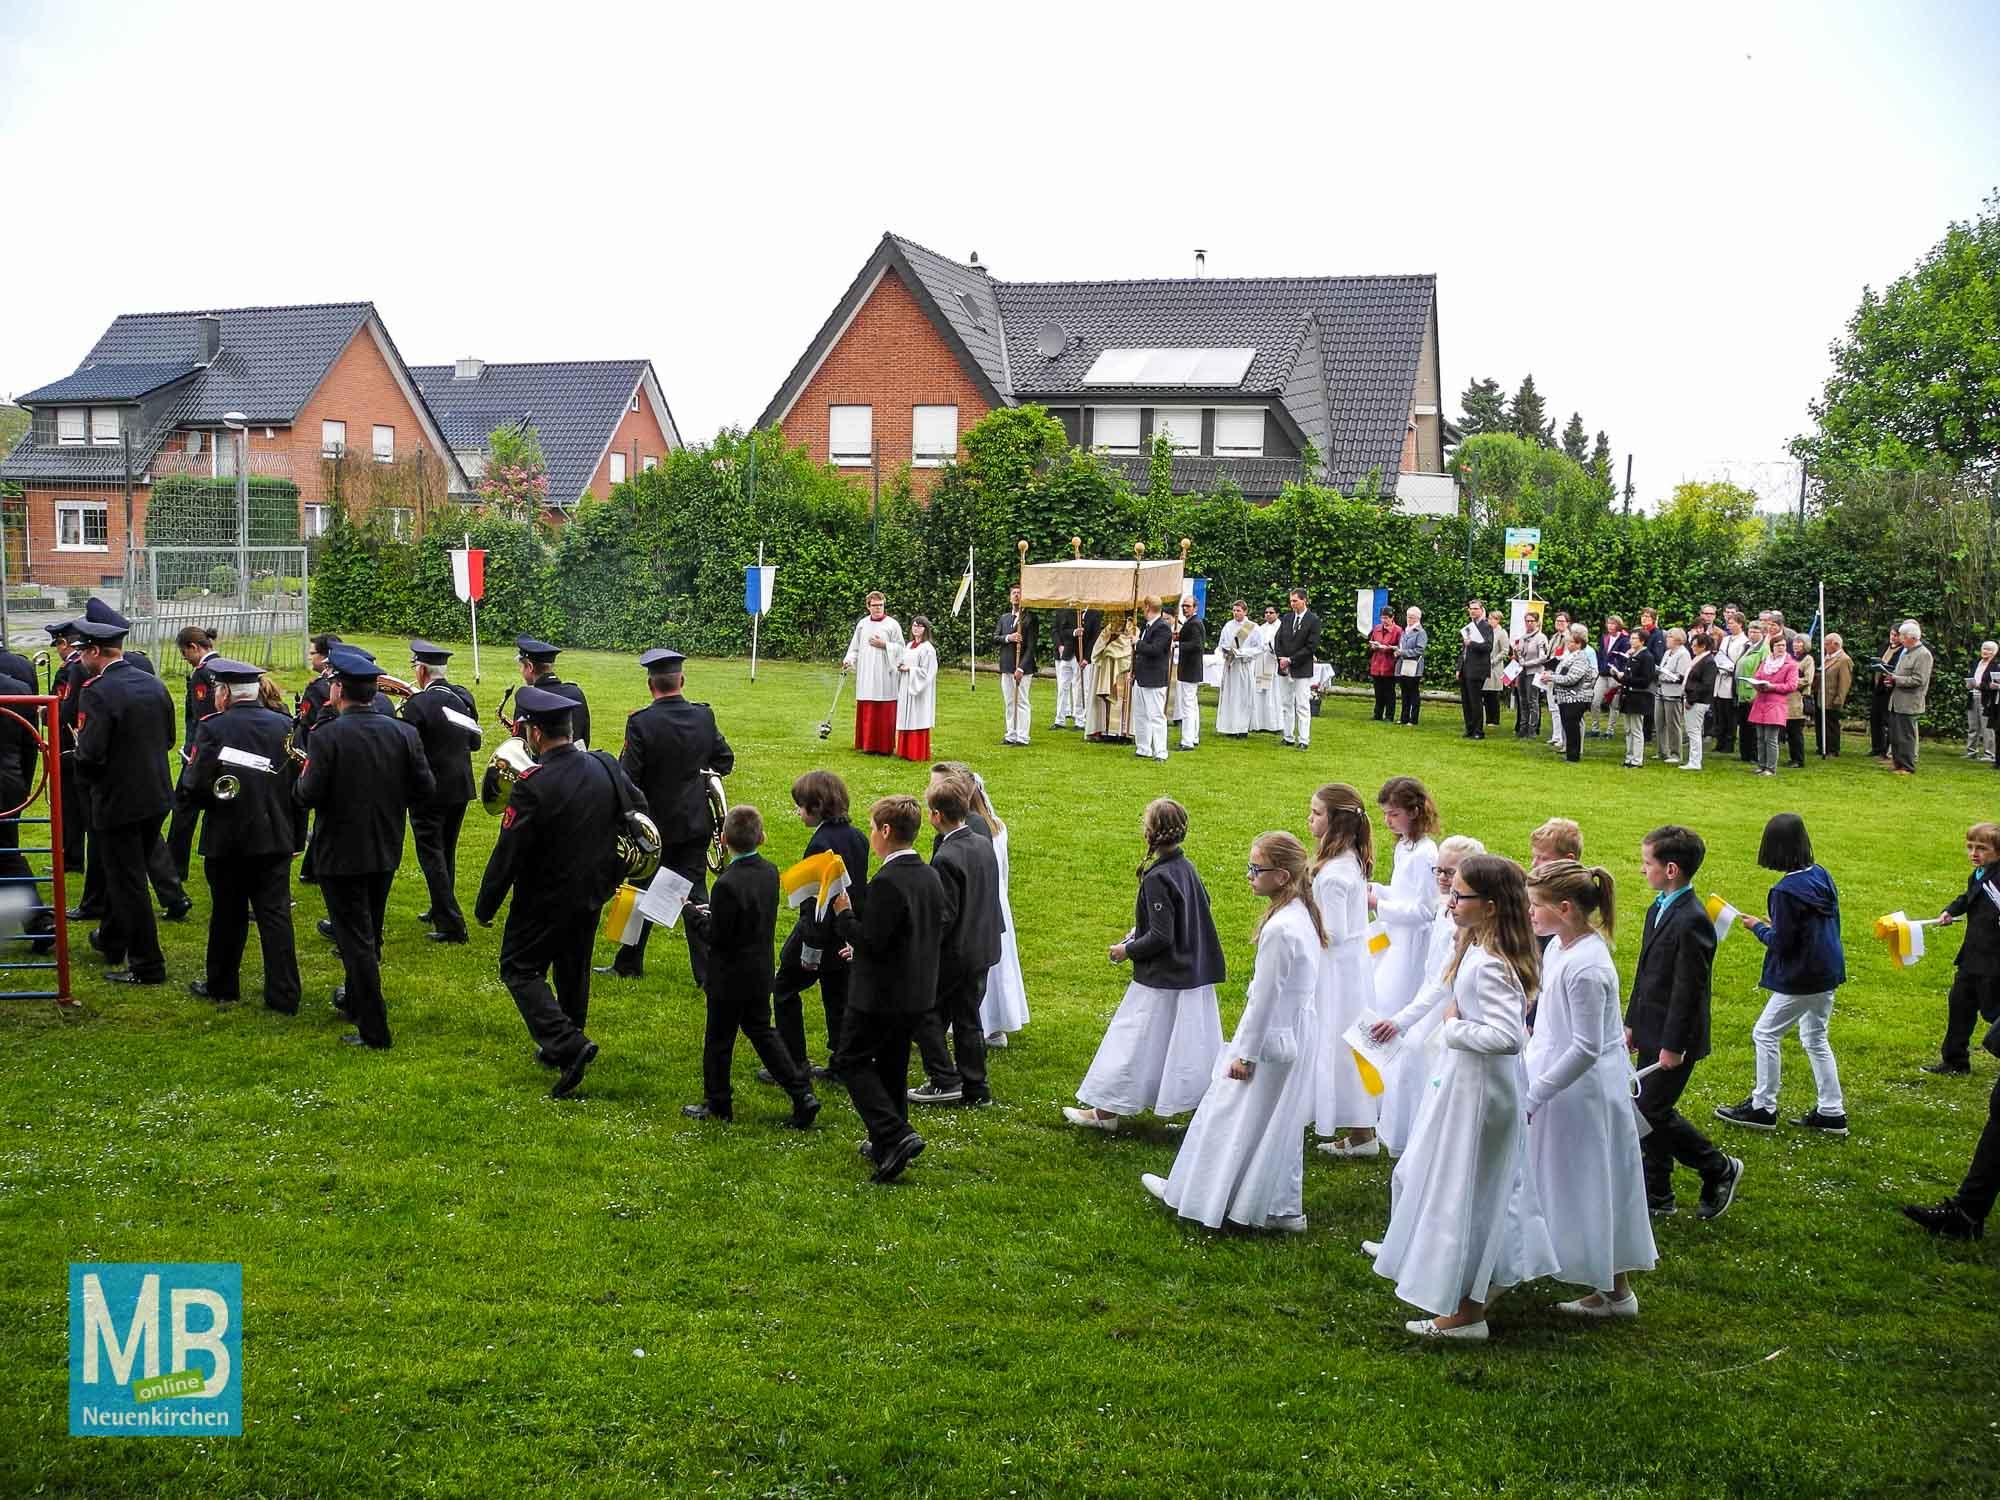 Geordnet zieht die Prozession weiter zum dritten Segensaltar. Pater Antony trägt nun die Monstranz unter dem Baldachin.